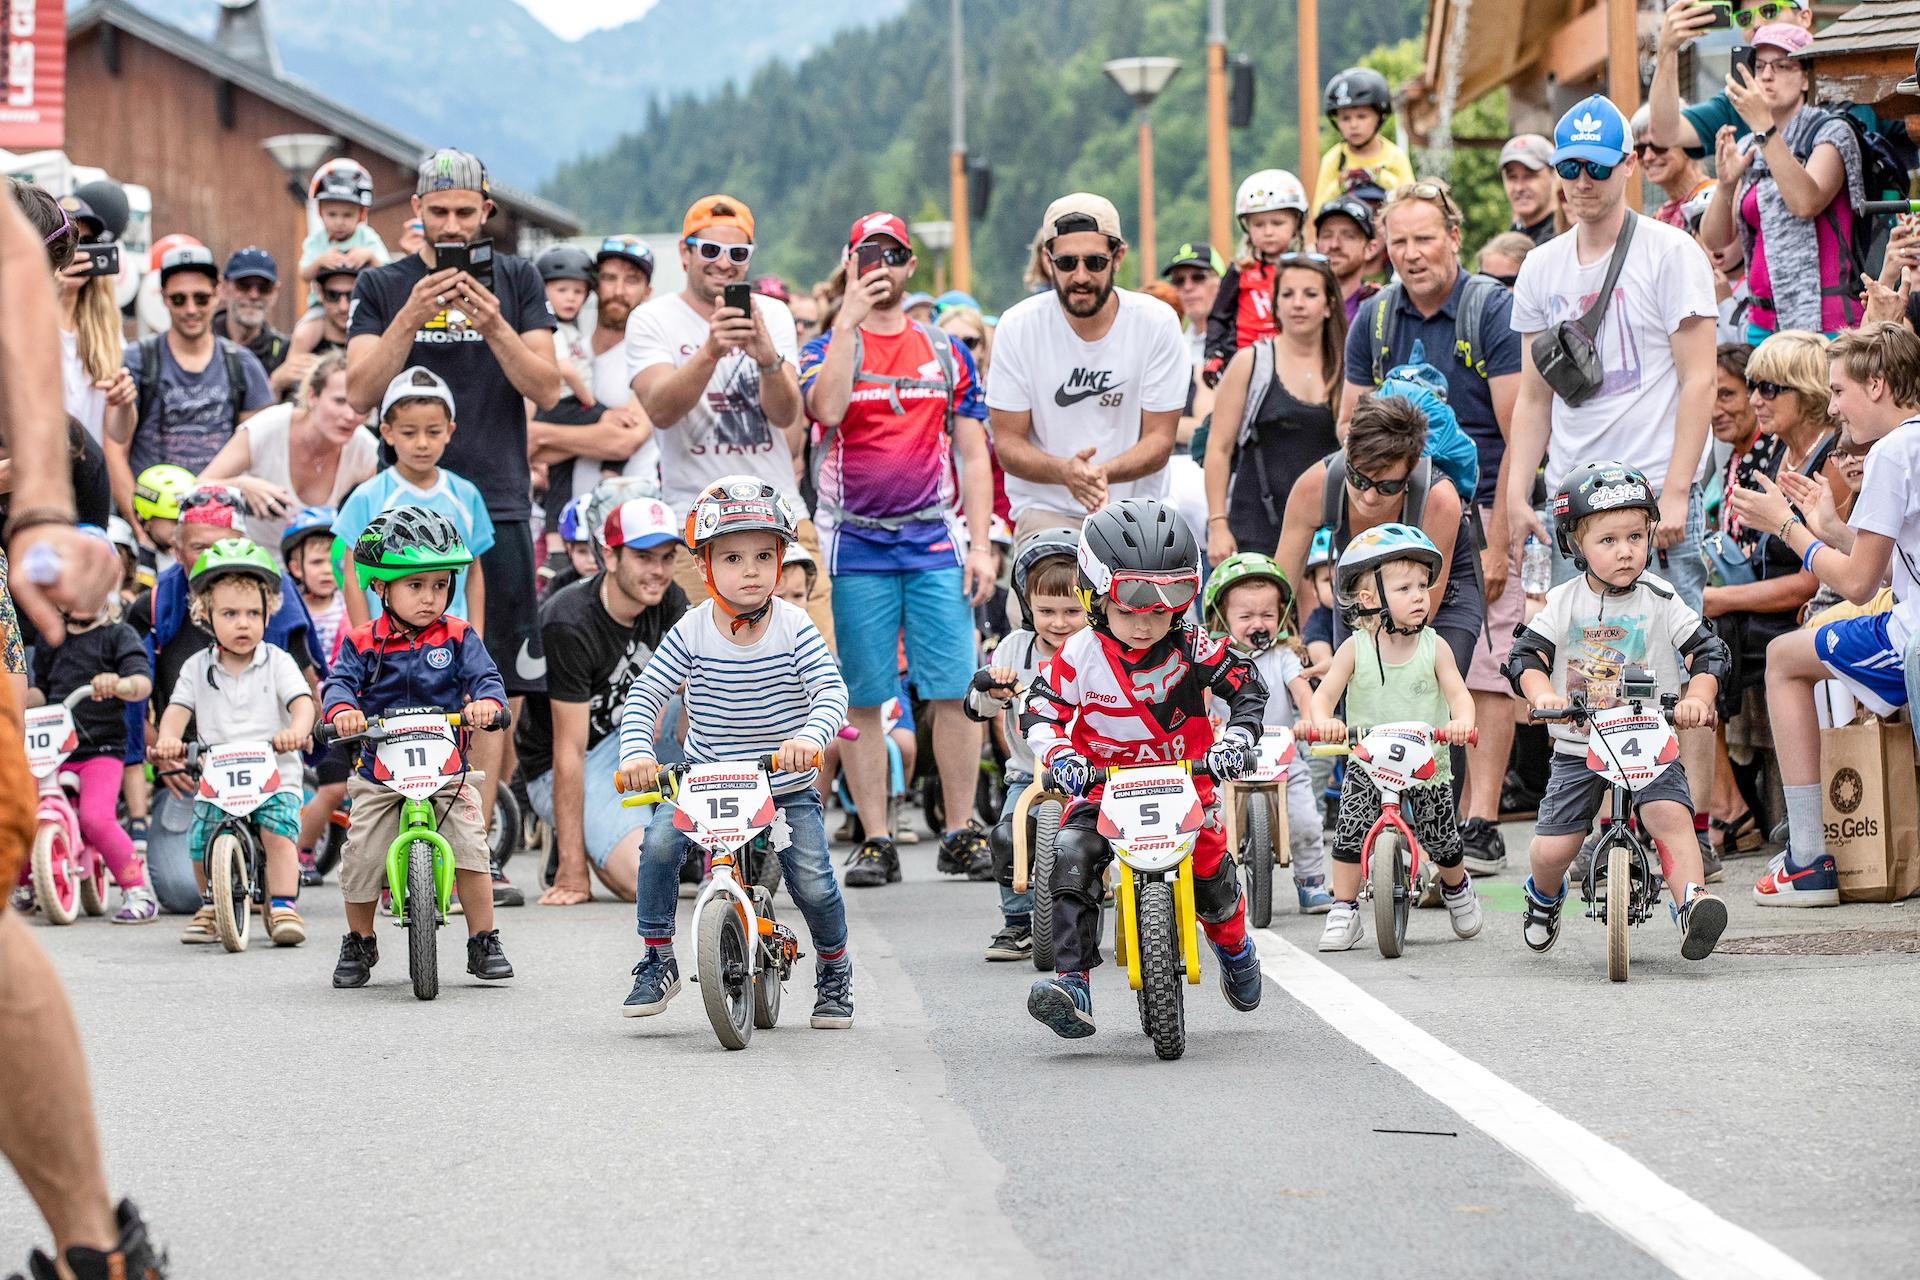 Petits enfants faisant une course de vélo avec parents les encourageant derrière